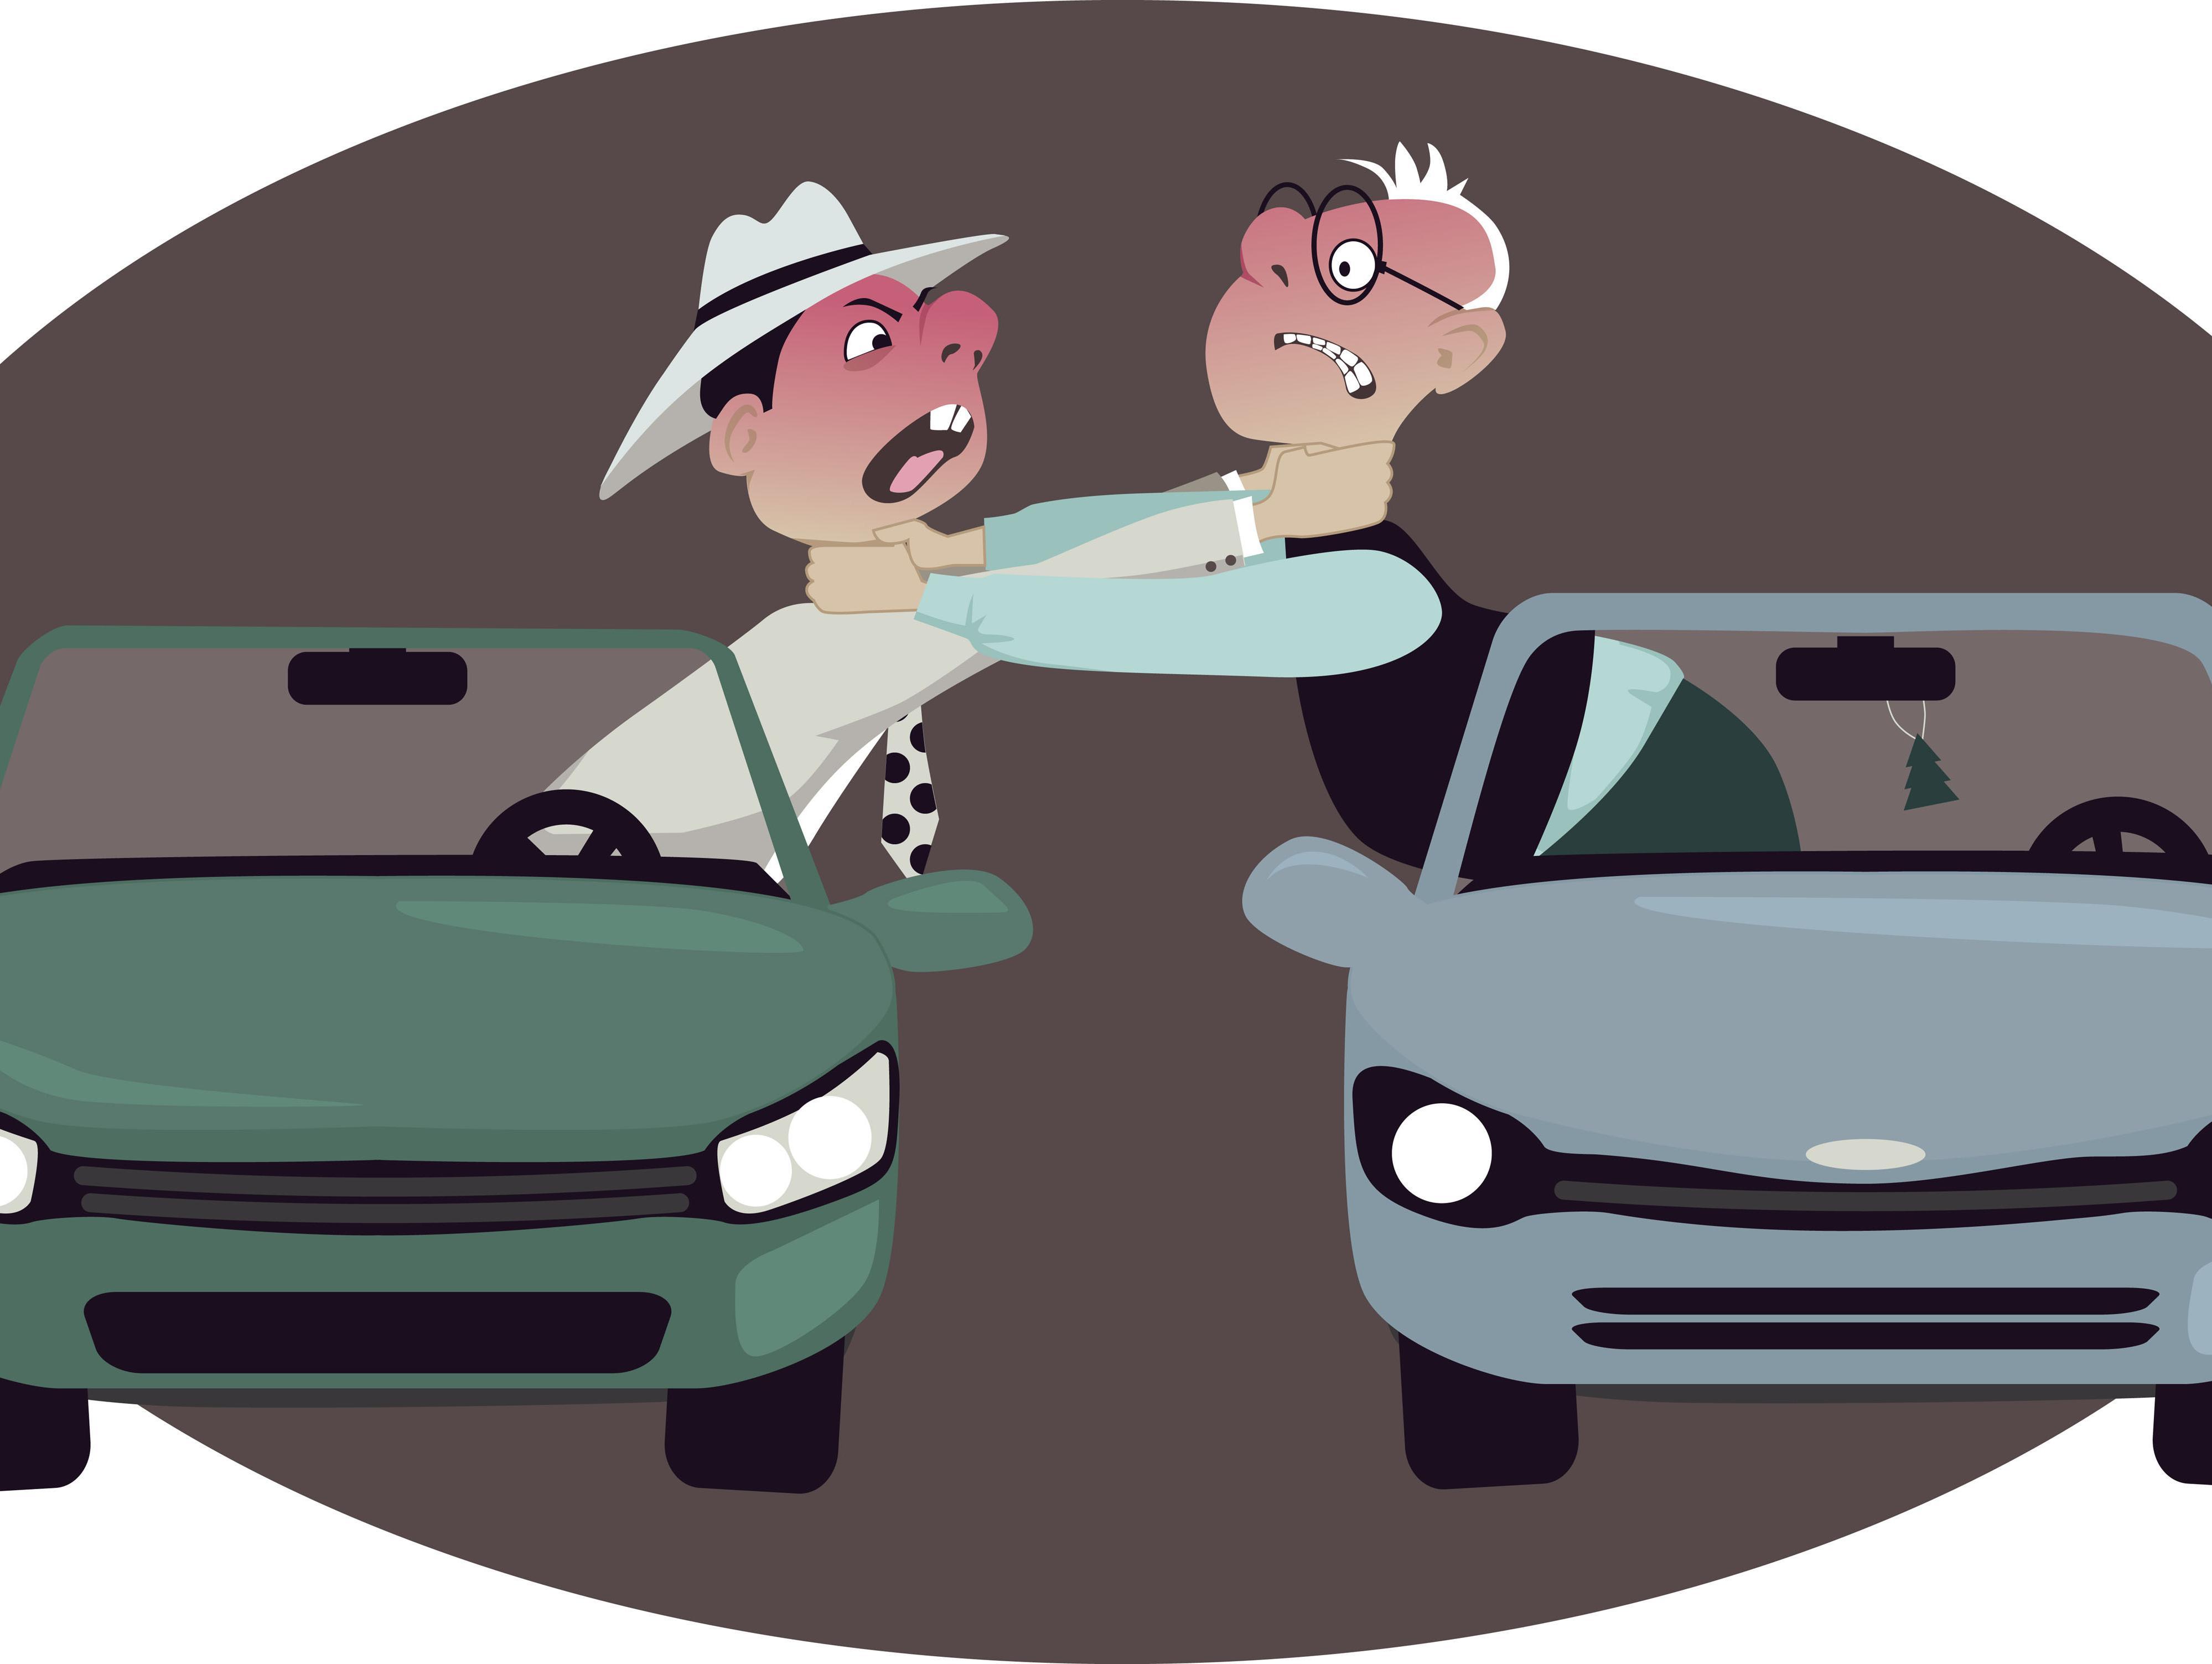 יום כיפור של הנהגים: הסליחות שצריך לבקש בכביש